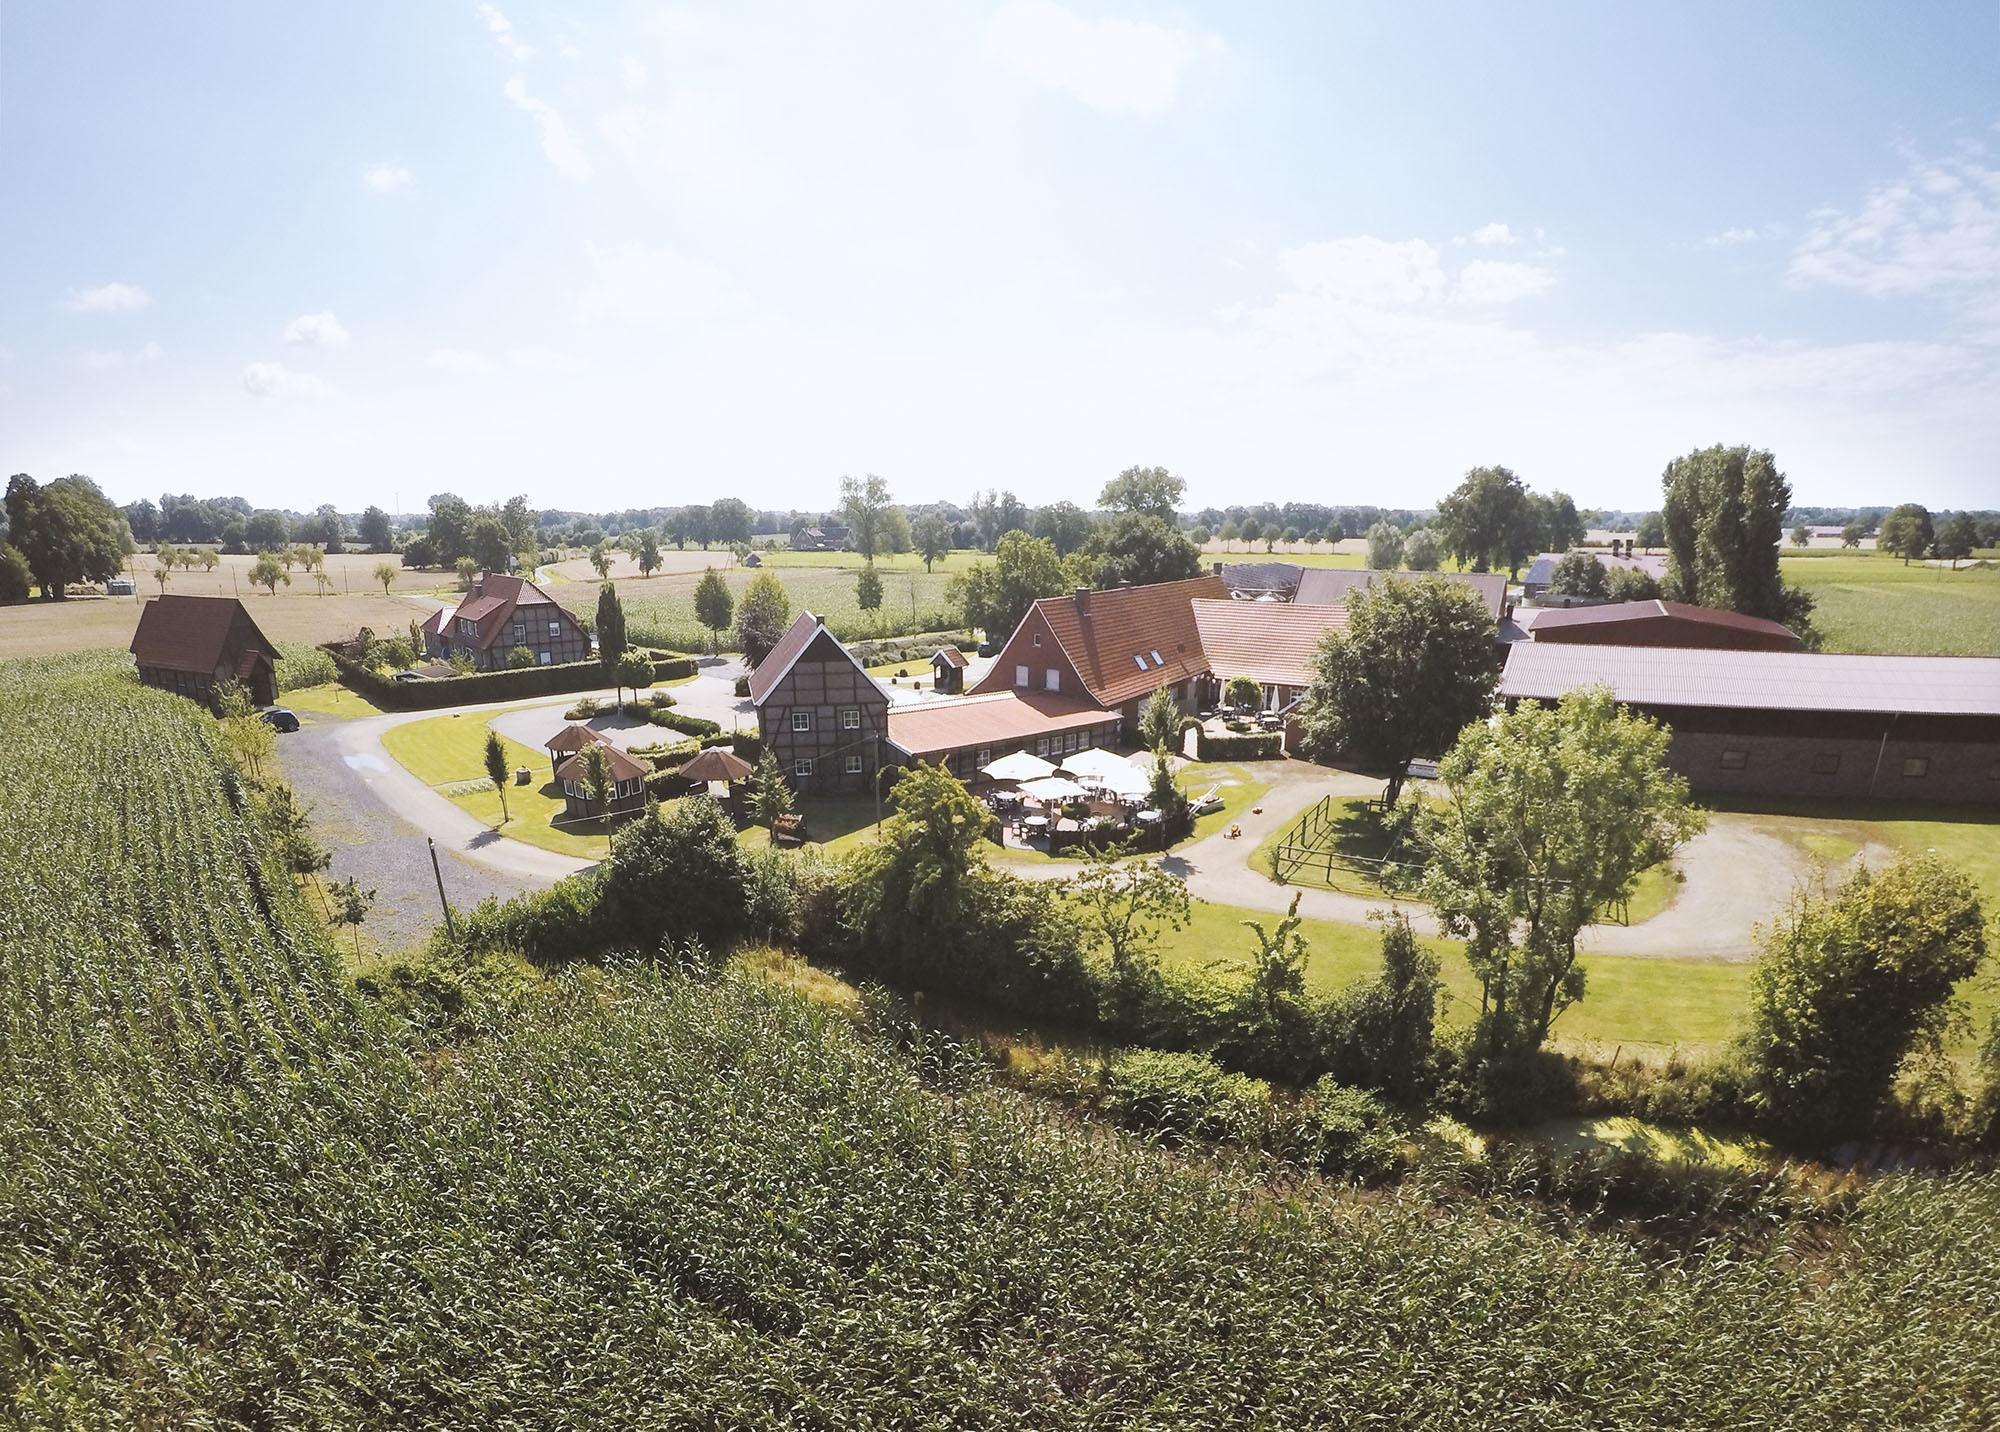 Outdoor Küche Nordwalde : Outdoor küche nordwalde gärten offene gaerten westfalens